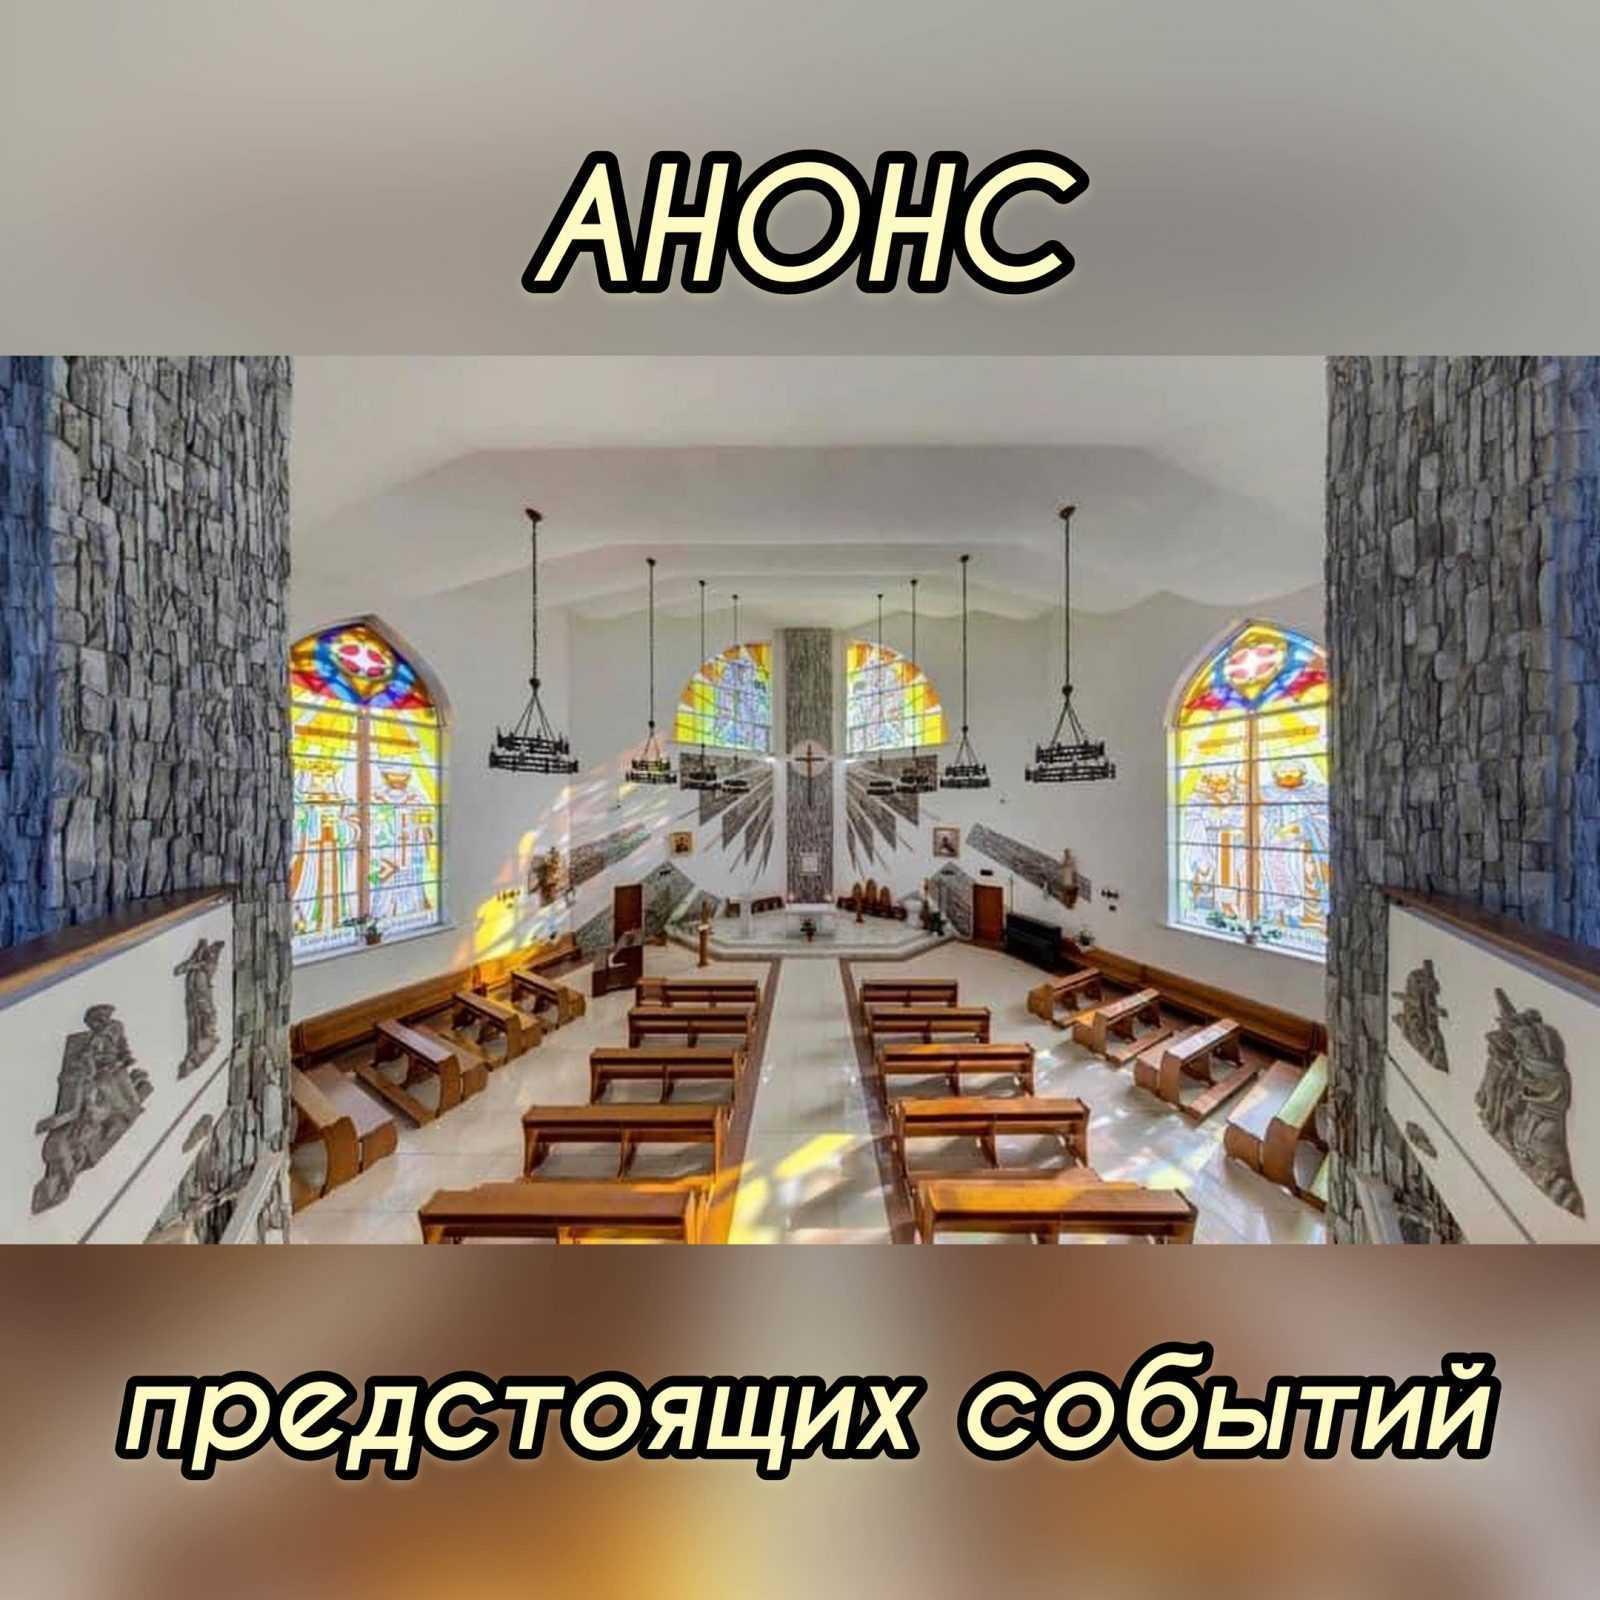 ПРЕДСТОЯЩИЕ СОБЫТИЯ «Музыка в храме»